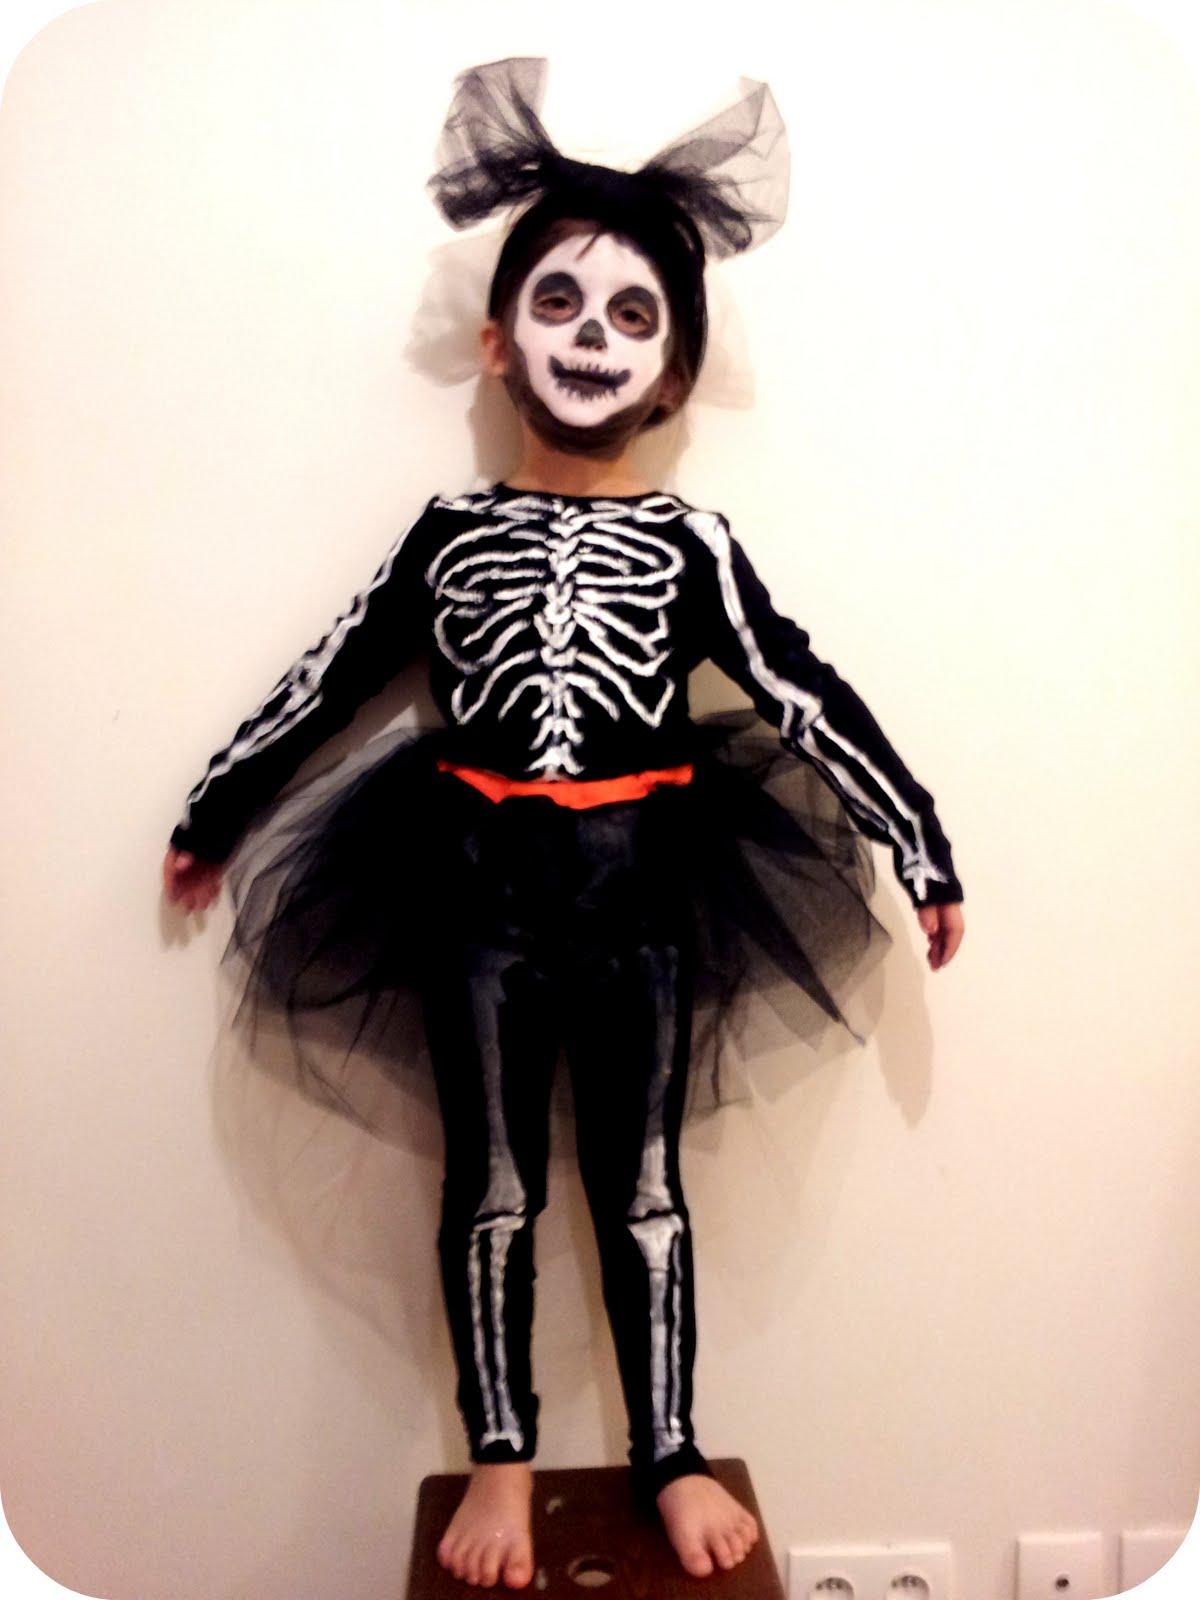 julie adore comment faire un costume de halloween. Black Bedroom Furniture Sets. Home Design Ideas